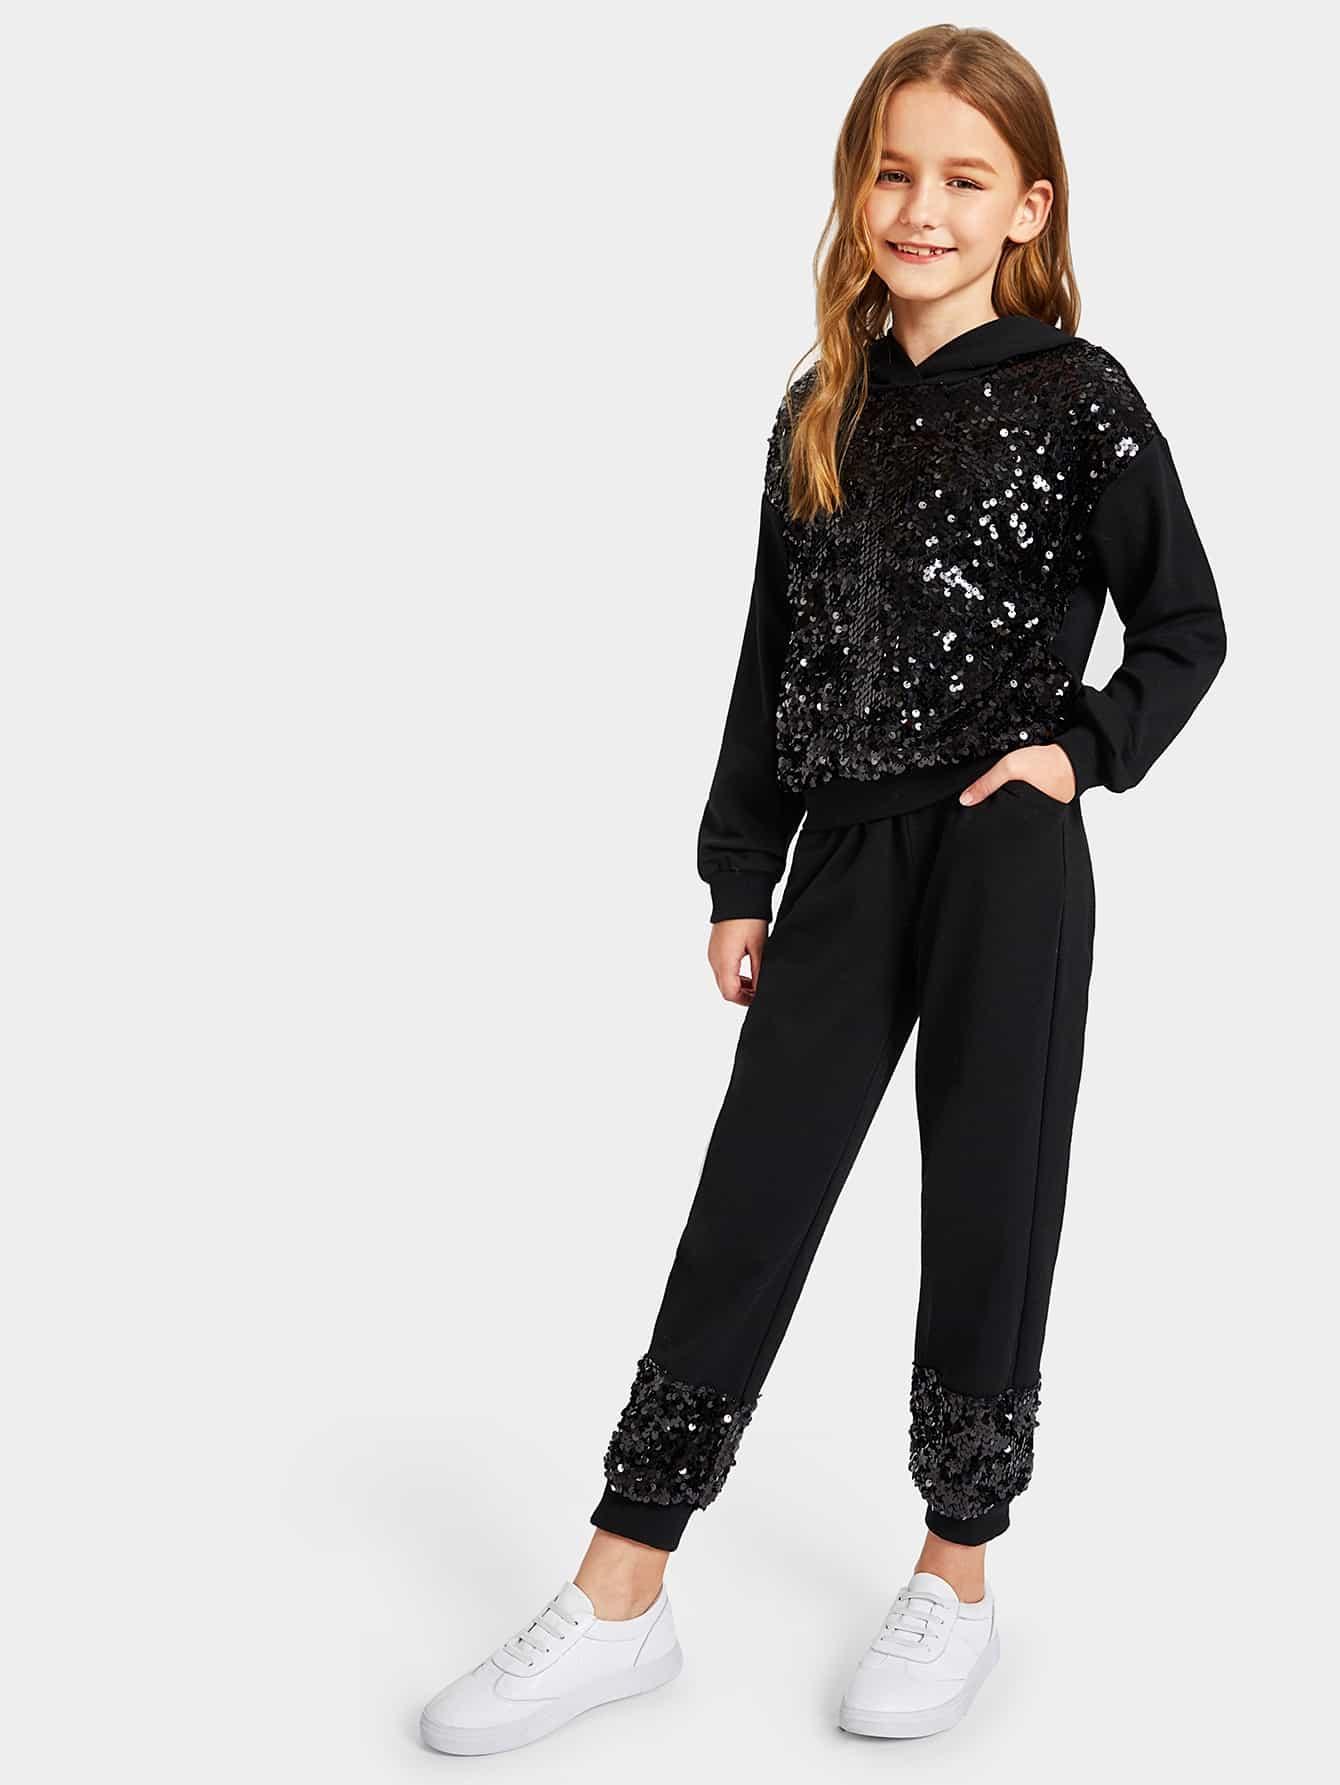 Толстовка с блестками и спортивные брюки для девочек от SheIn